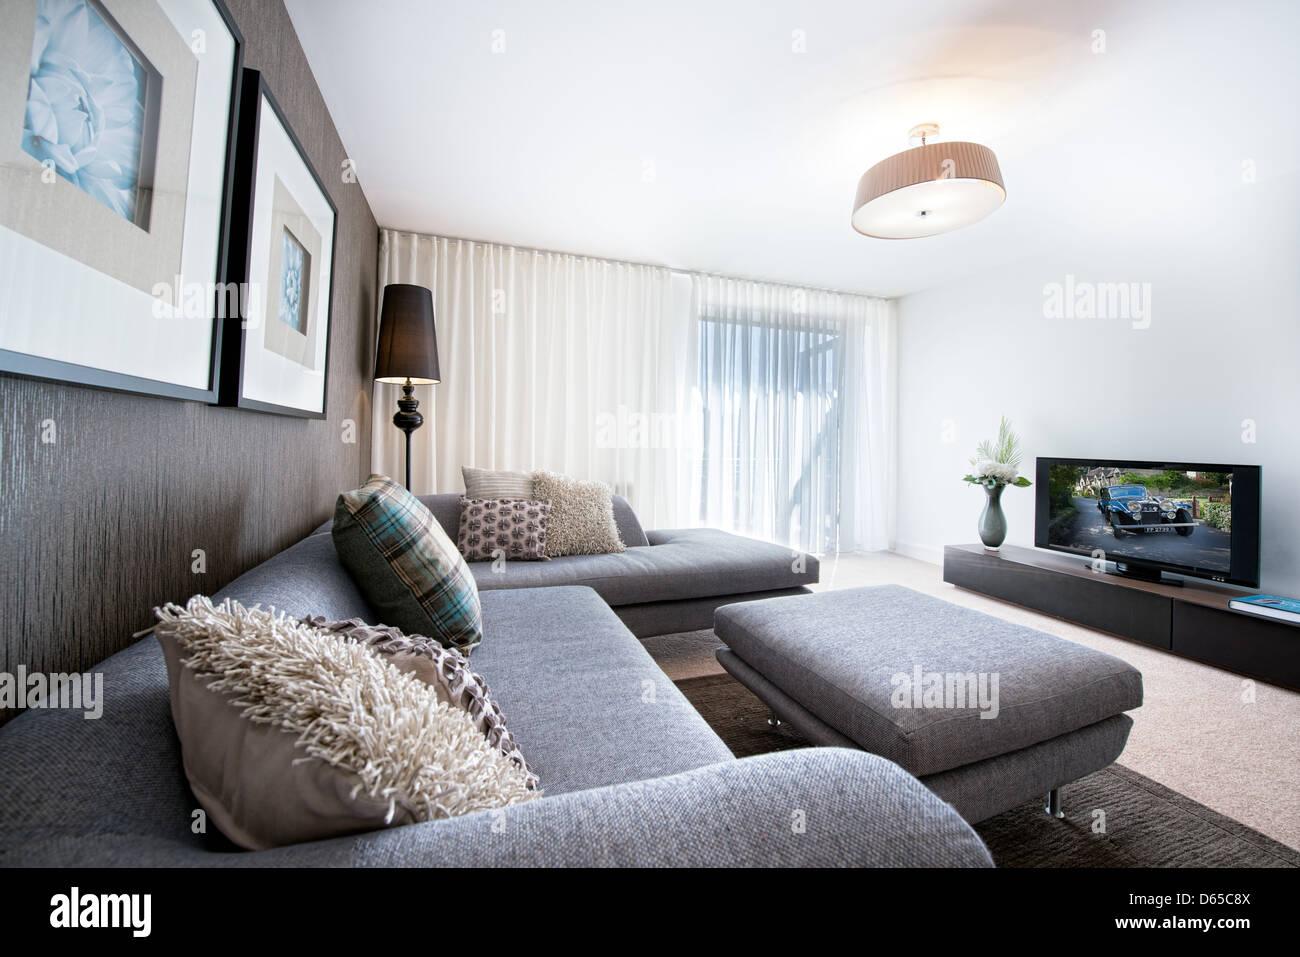 Ein Sofa Und Kissen Ausgebreitet Vor Dem Fernseher In Einem Gut Eingerichtet Sauber Moderne Wohnzimmer